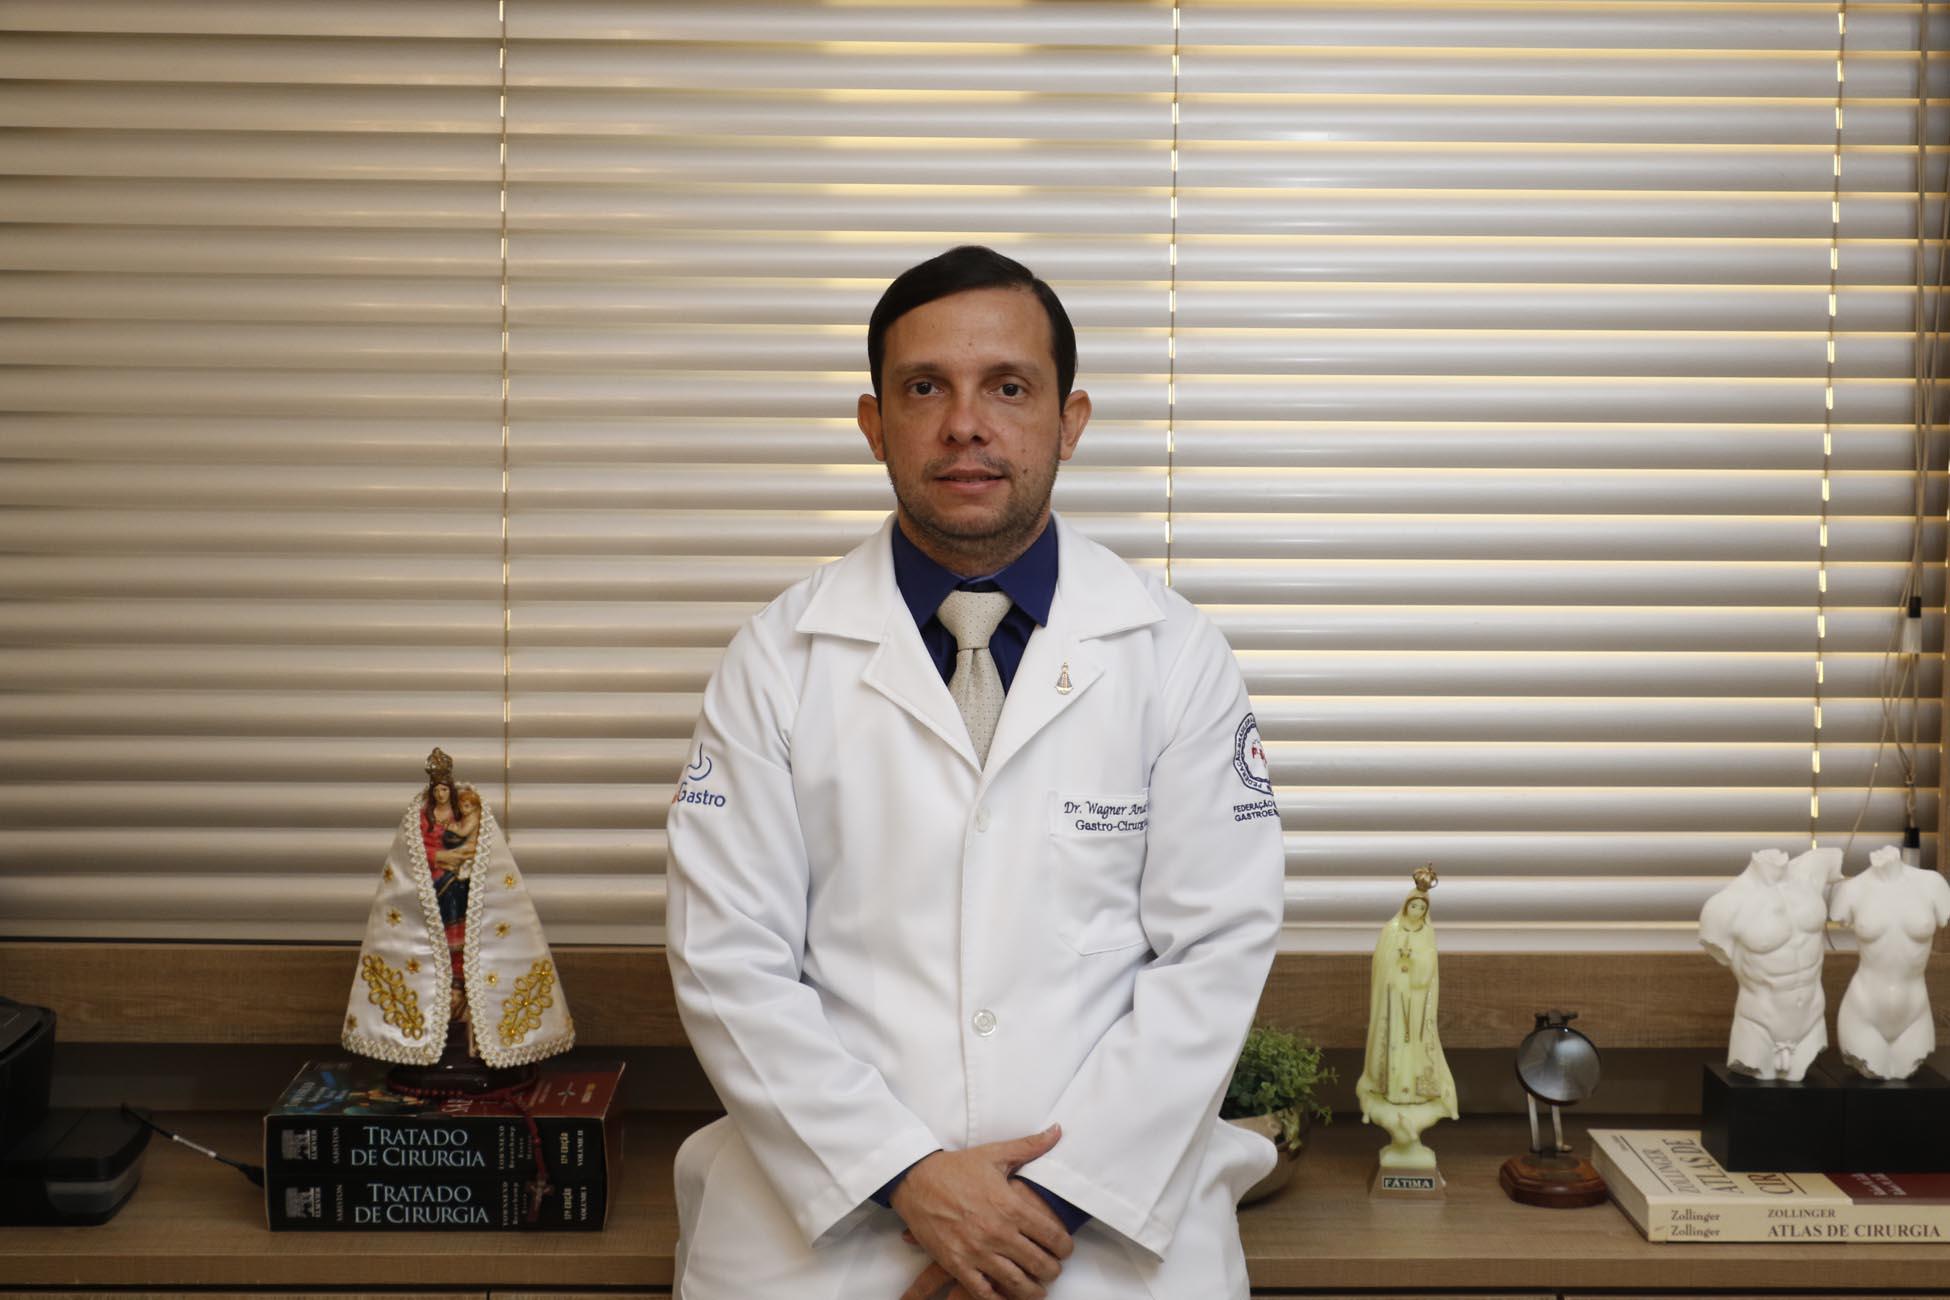 Belém, Pará, Brasil. Cidade. Entrevista sobre o Projeto Verão com o Dr. Wagner Andrade. 26-06-2020. Foto-Wagner Santana/Diário do Pará.